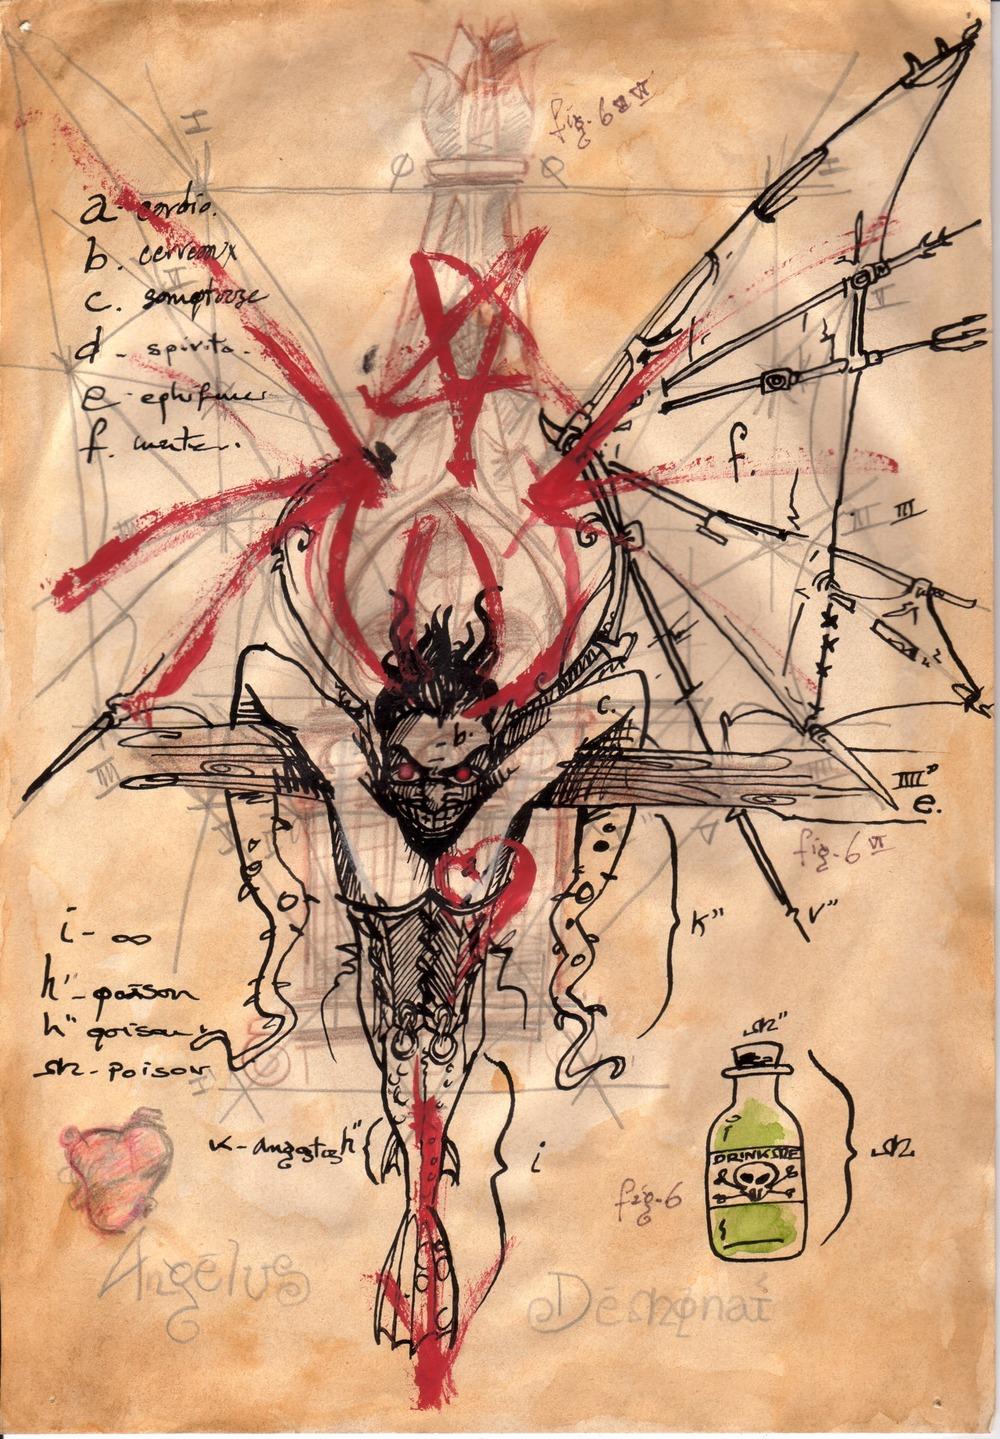 Angelus Demonai